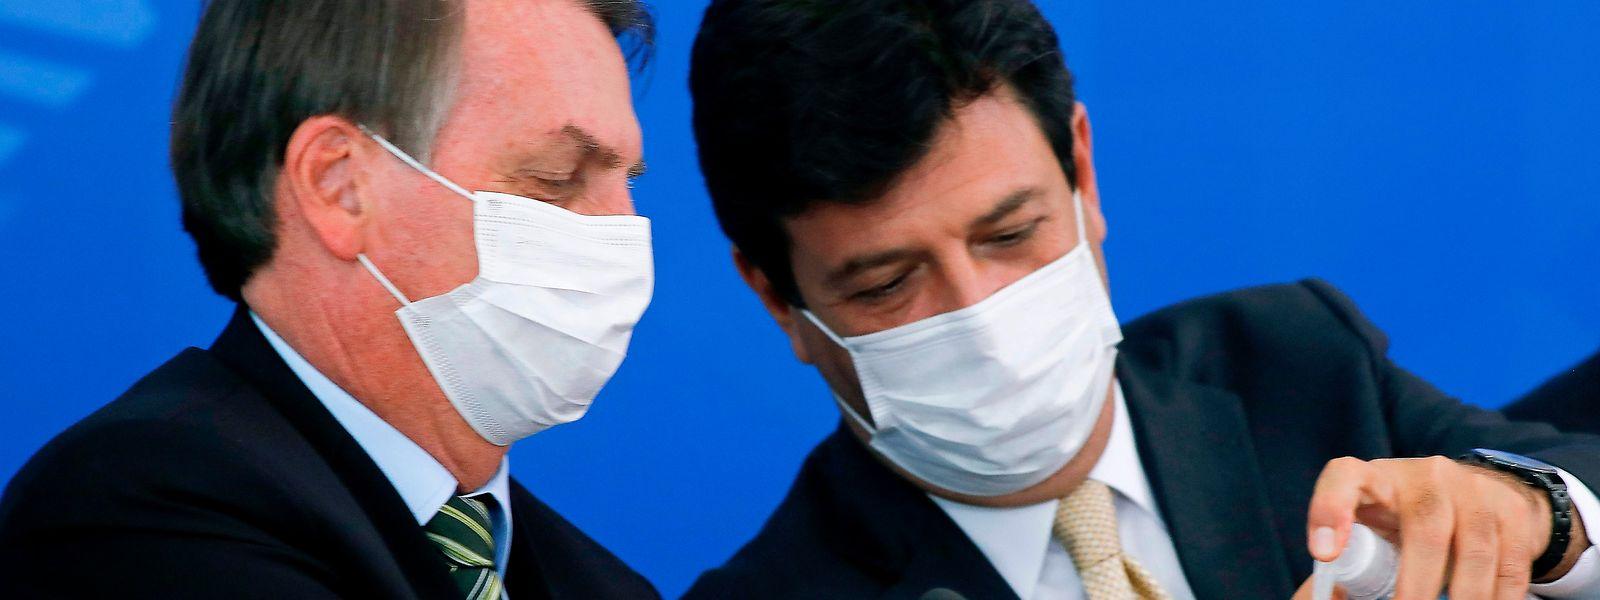 Bolsonaro (l.) und Mandetta bei einer Pressekonferenz im März - gemeinsame Auftritte wird es wohl nun nicht mehr geben.